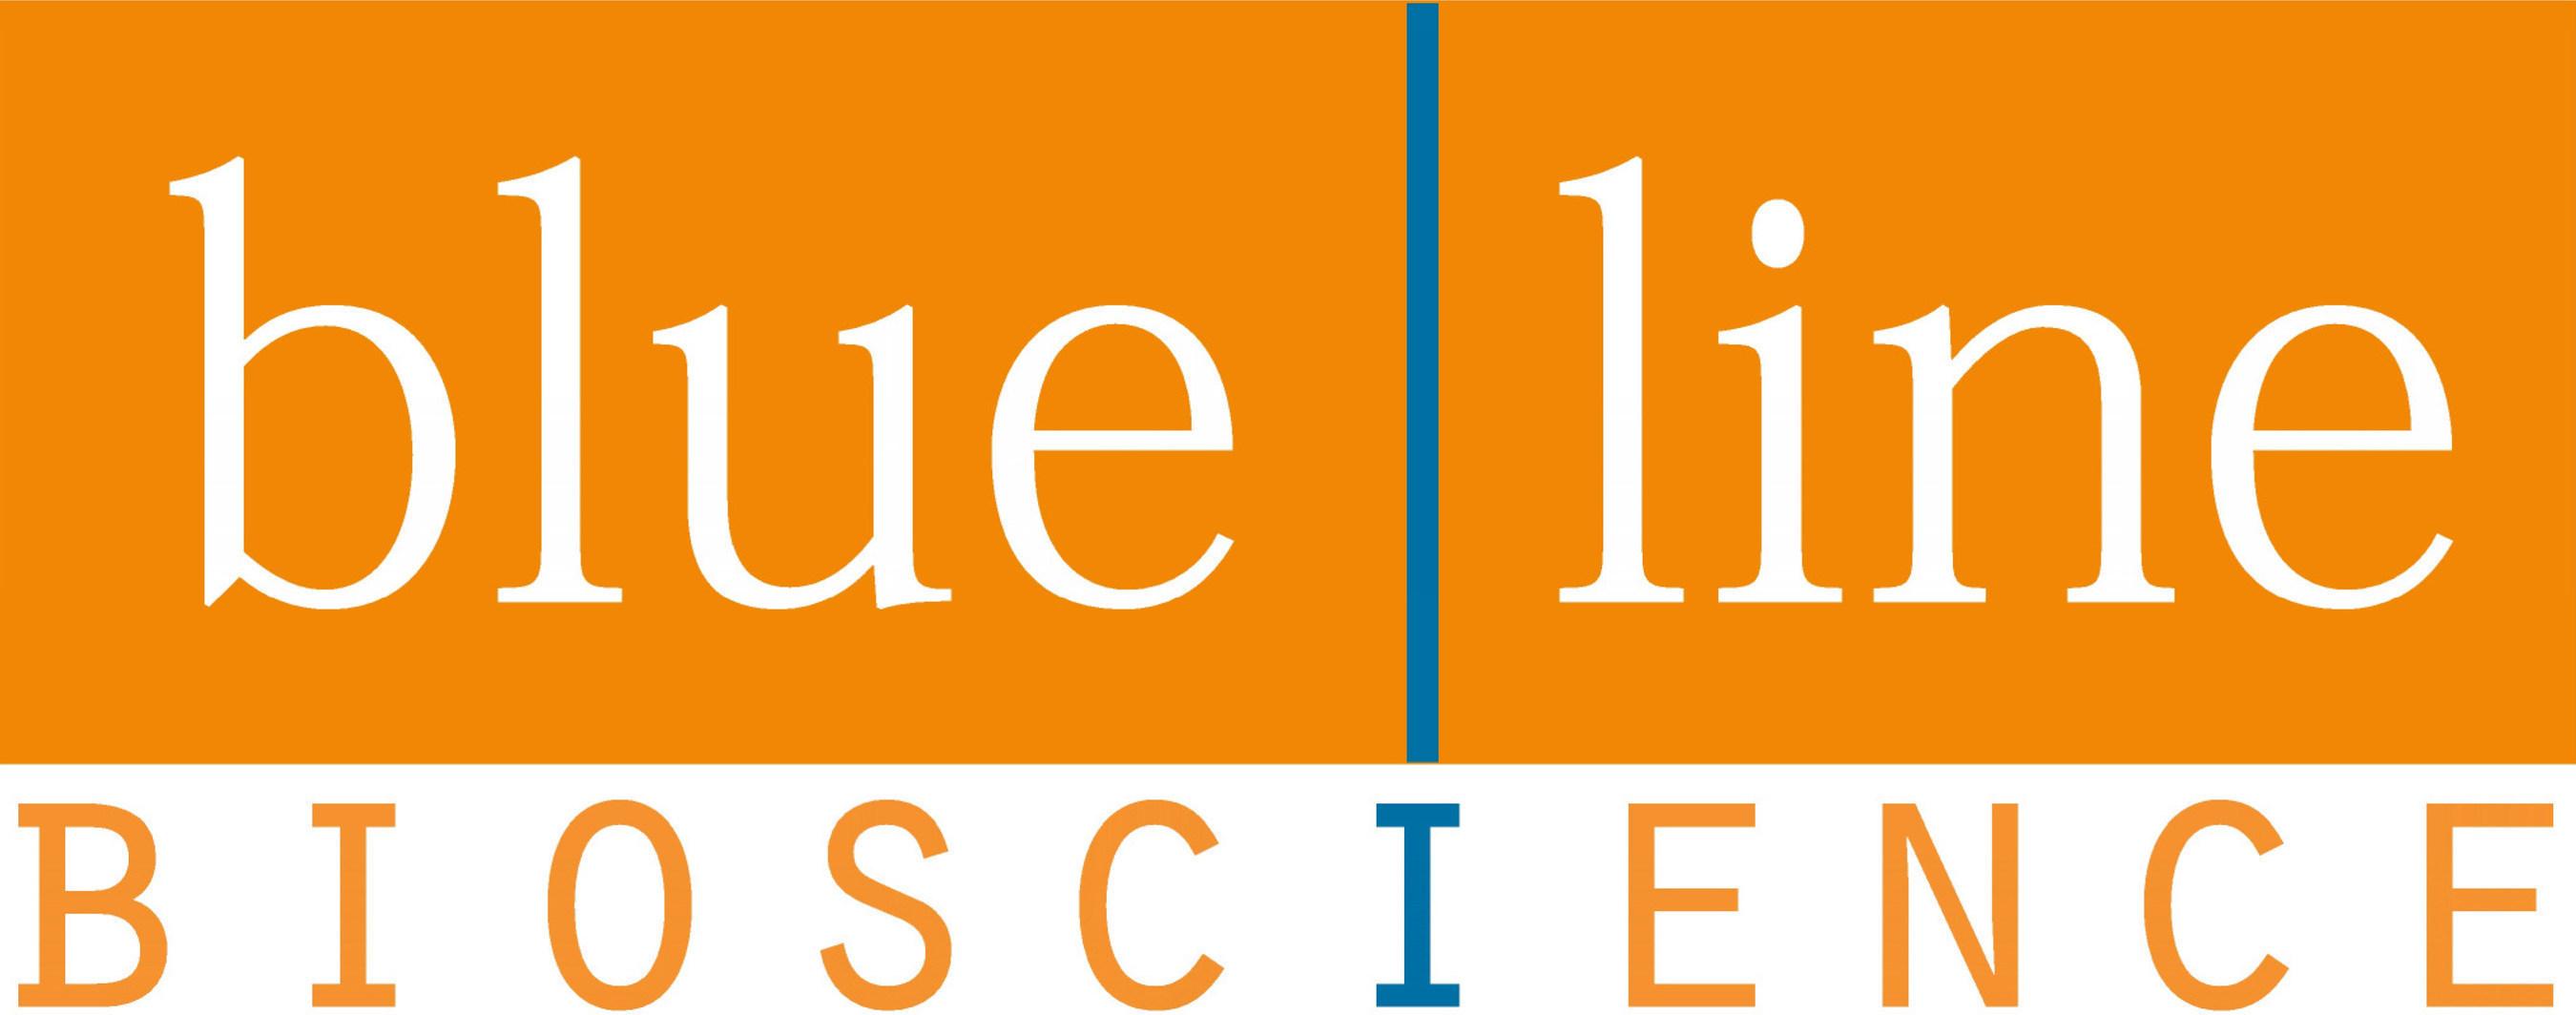 Blueline Bioscience announces milestone achievement by all Blueline Drug Target Program grant